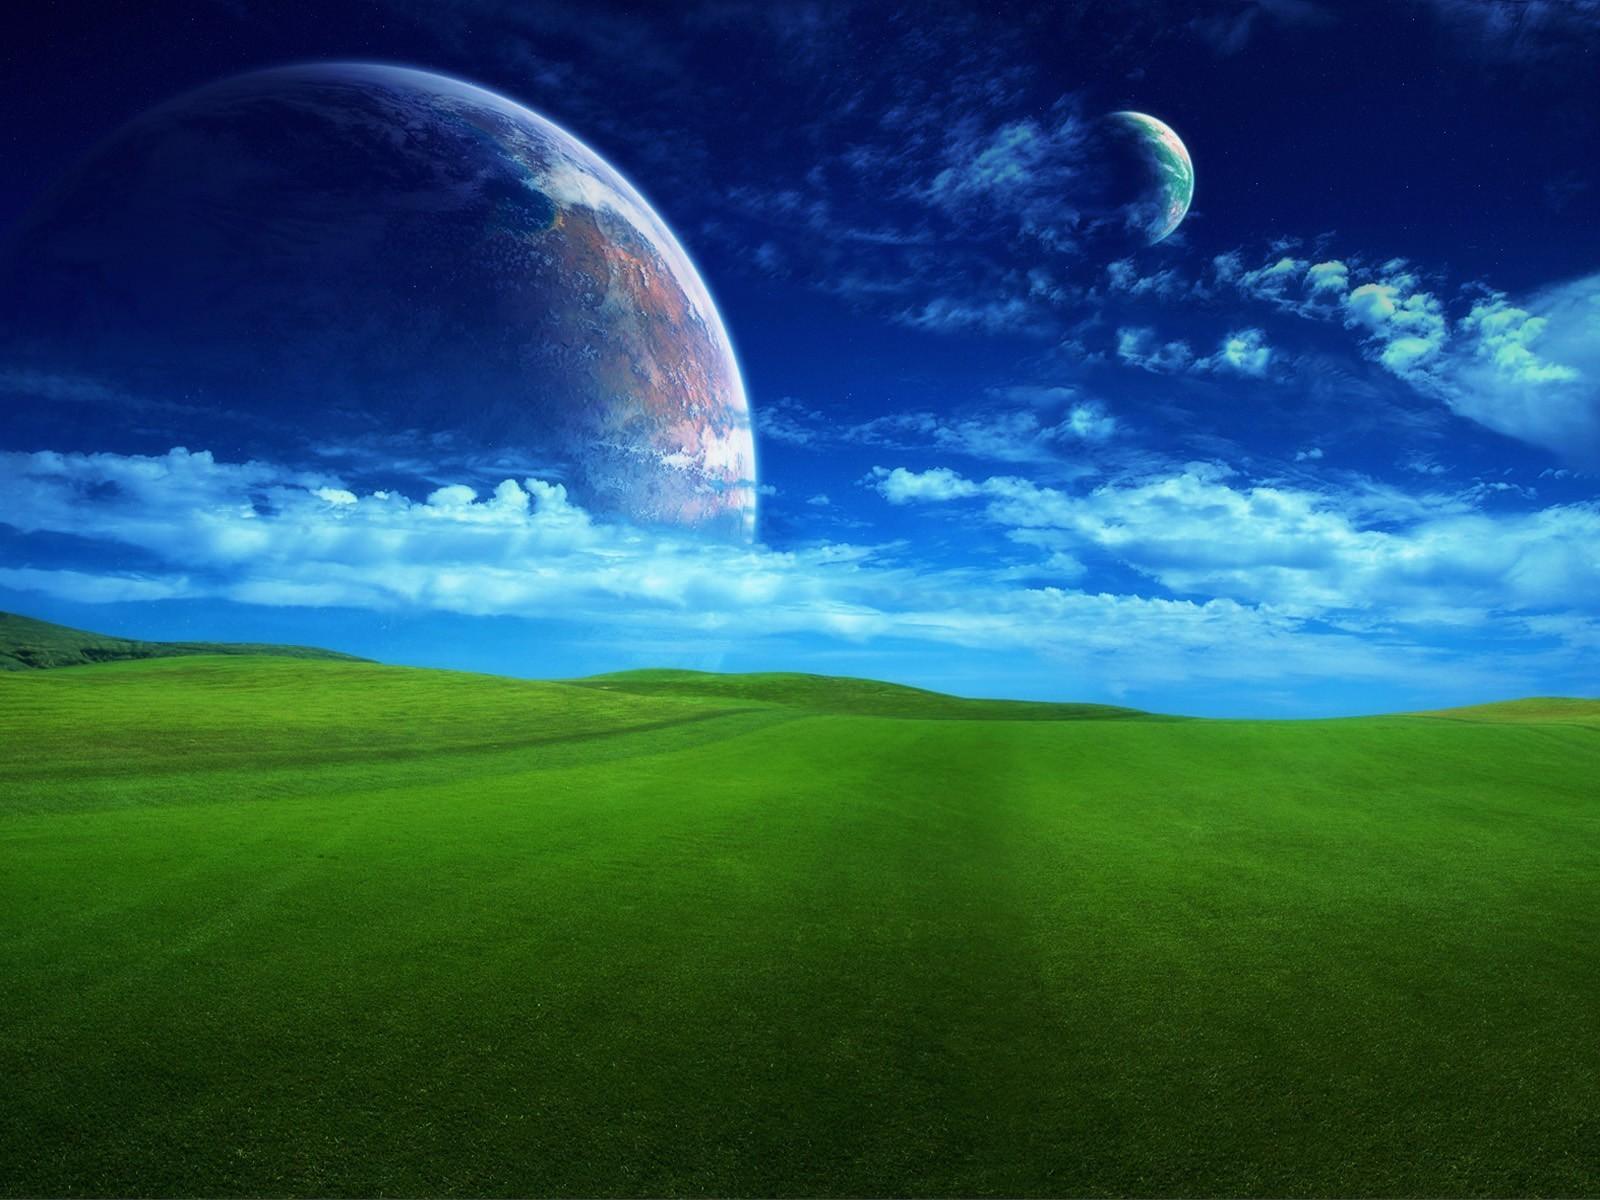 http://4.bp.blogspot.com/-T4GLFdq8Eyg/TzPWTIiMgZI/AAAAAAAAAQo/eXspWXaLbT0/s1600/Space_wallpaper_08.jpg